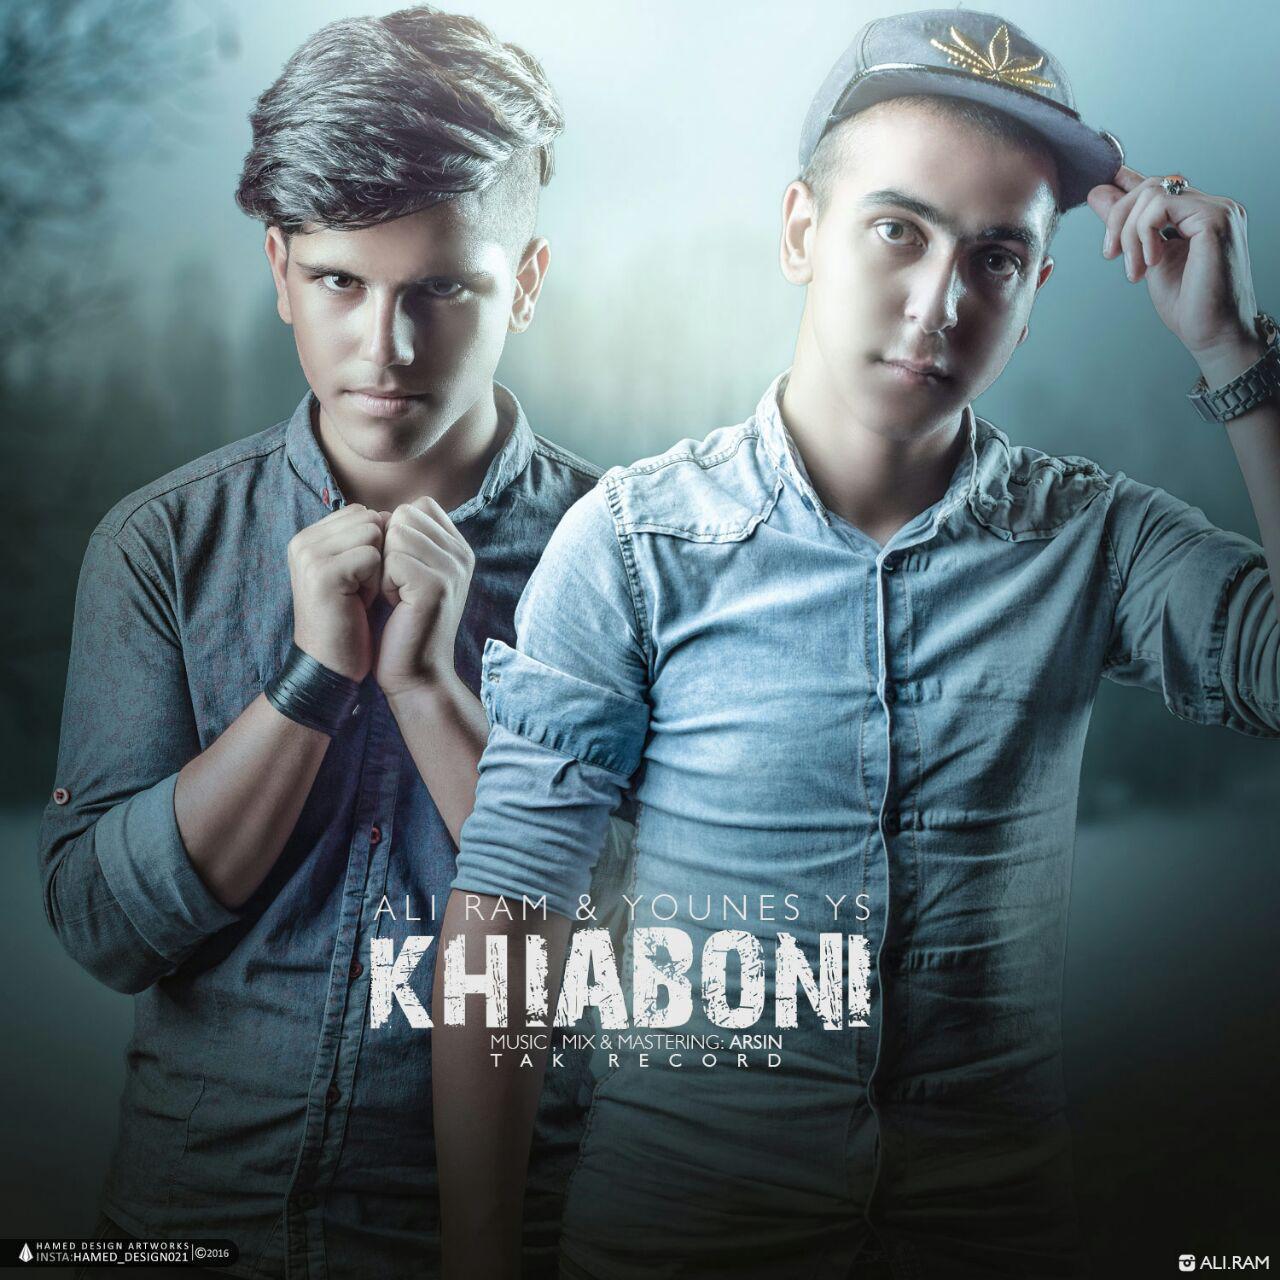 دانلود آهنگ جدید علی رام و یونس واس اس بنام خیابونی